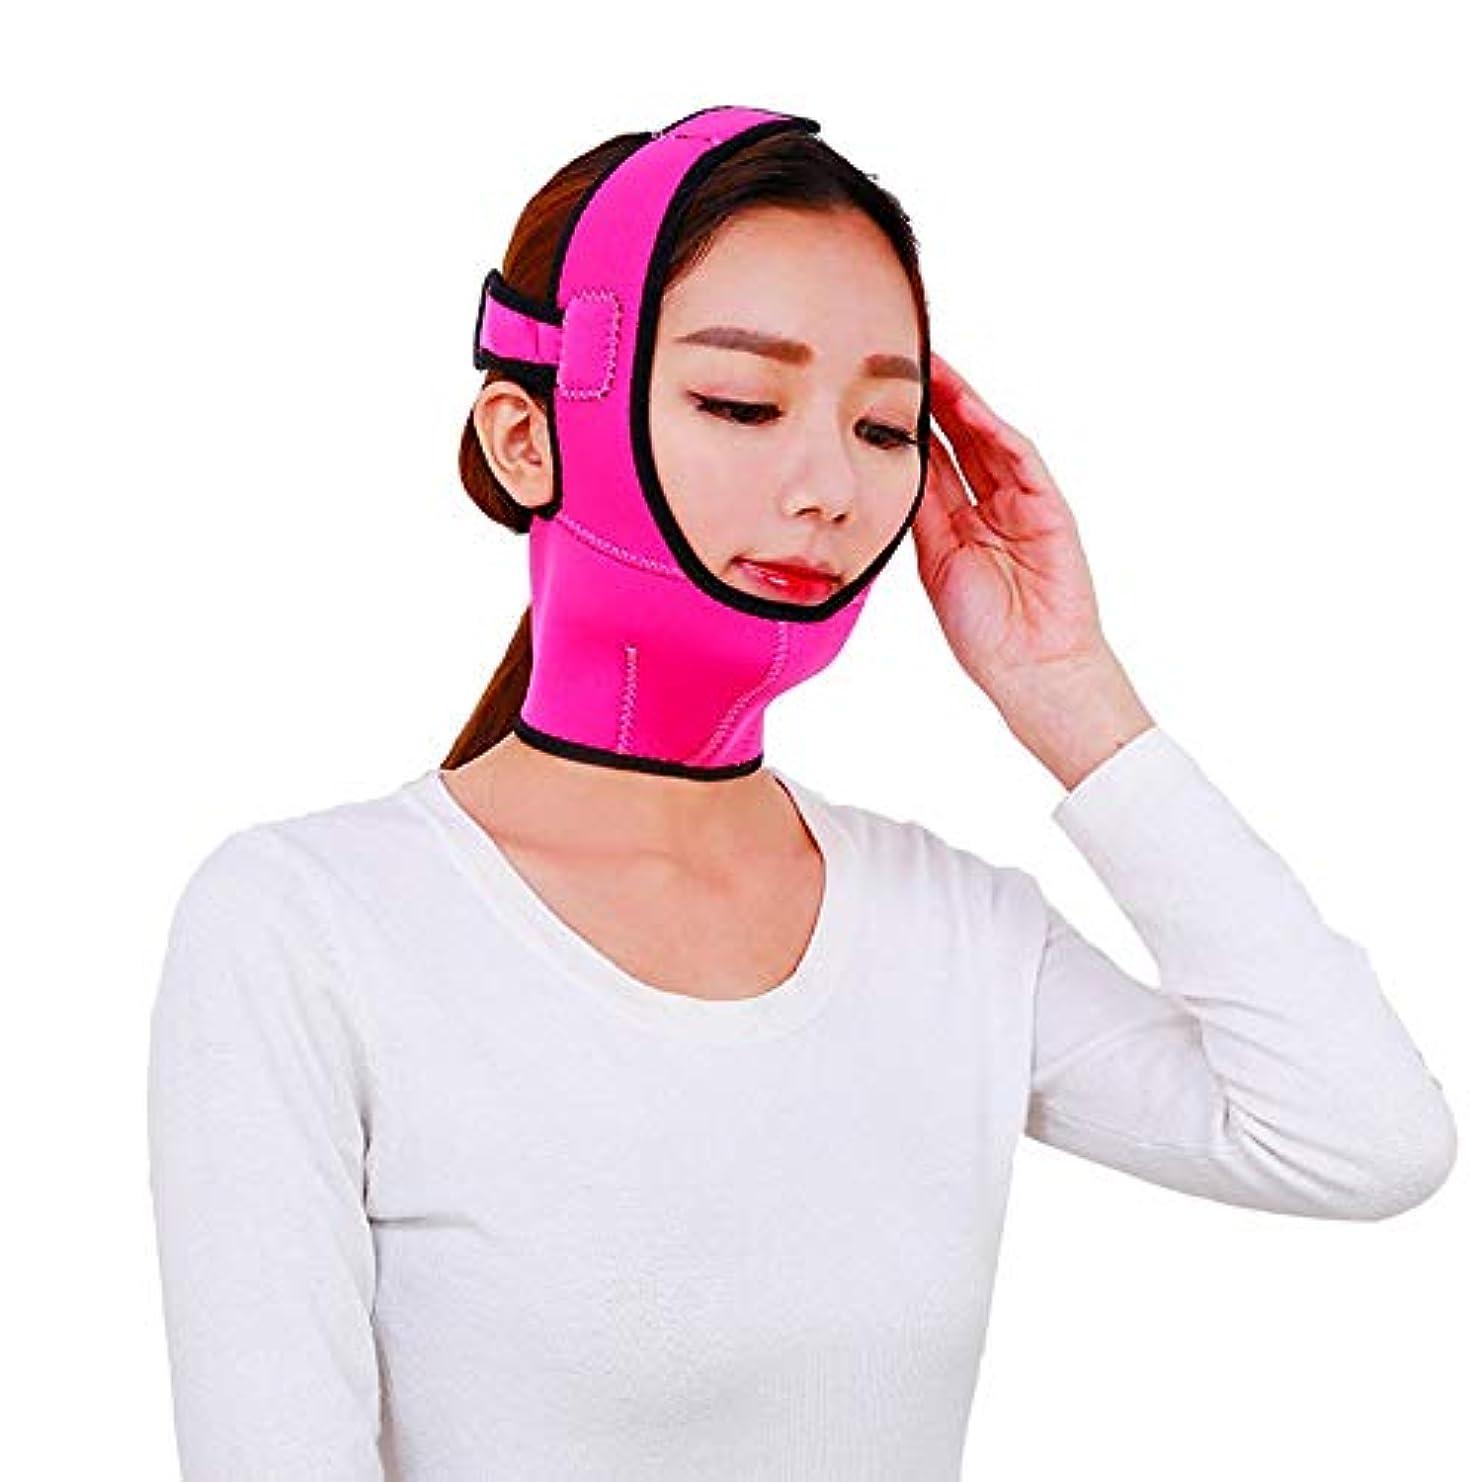 議論するシリーズログフェイスリフトベルト 顔を持ち上げるベルト通気性の顔面リフティング包帯ダブルチン顔面リフティングマスクを締めるV顔面顔面リフレッシングツール